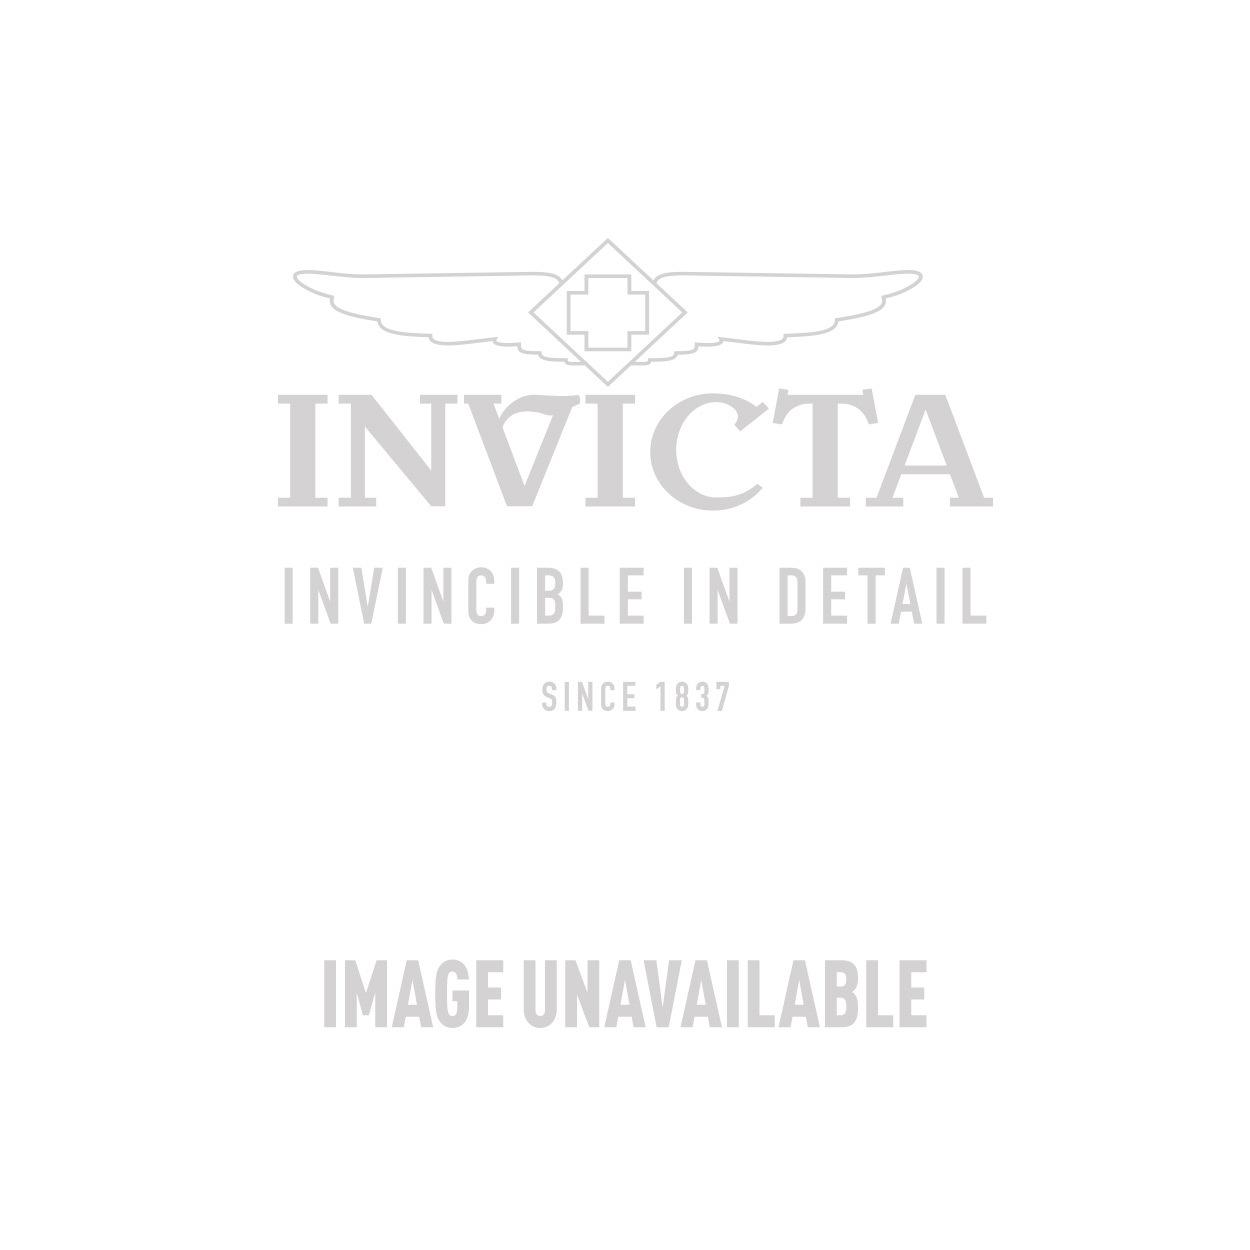 Invicta Model 24865